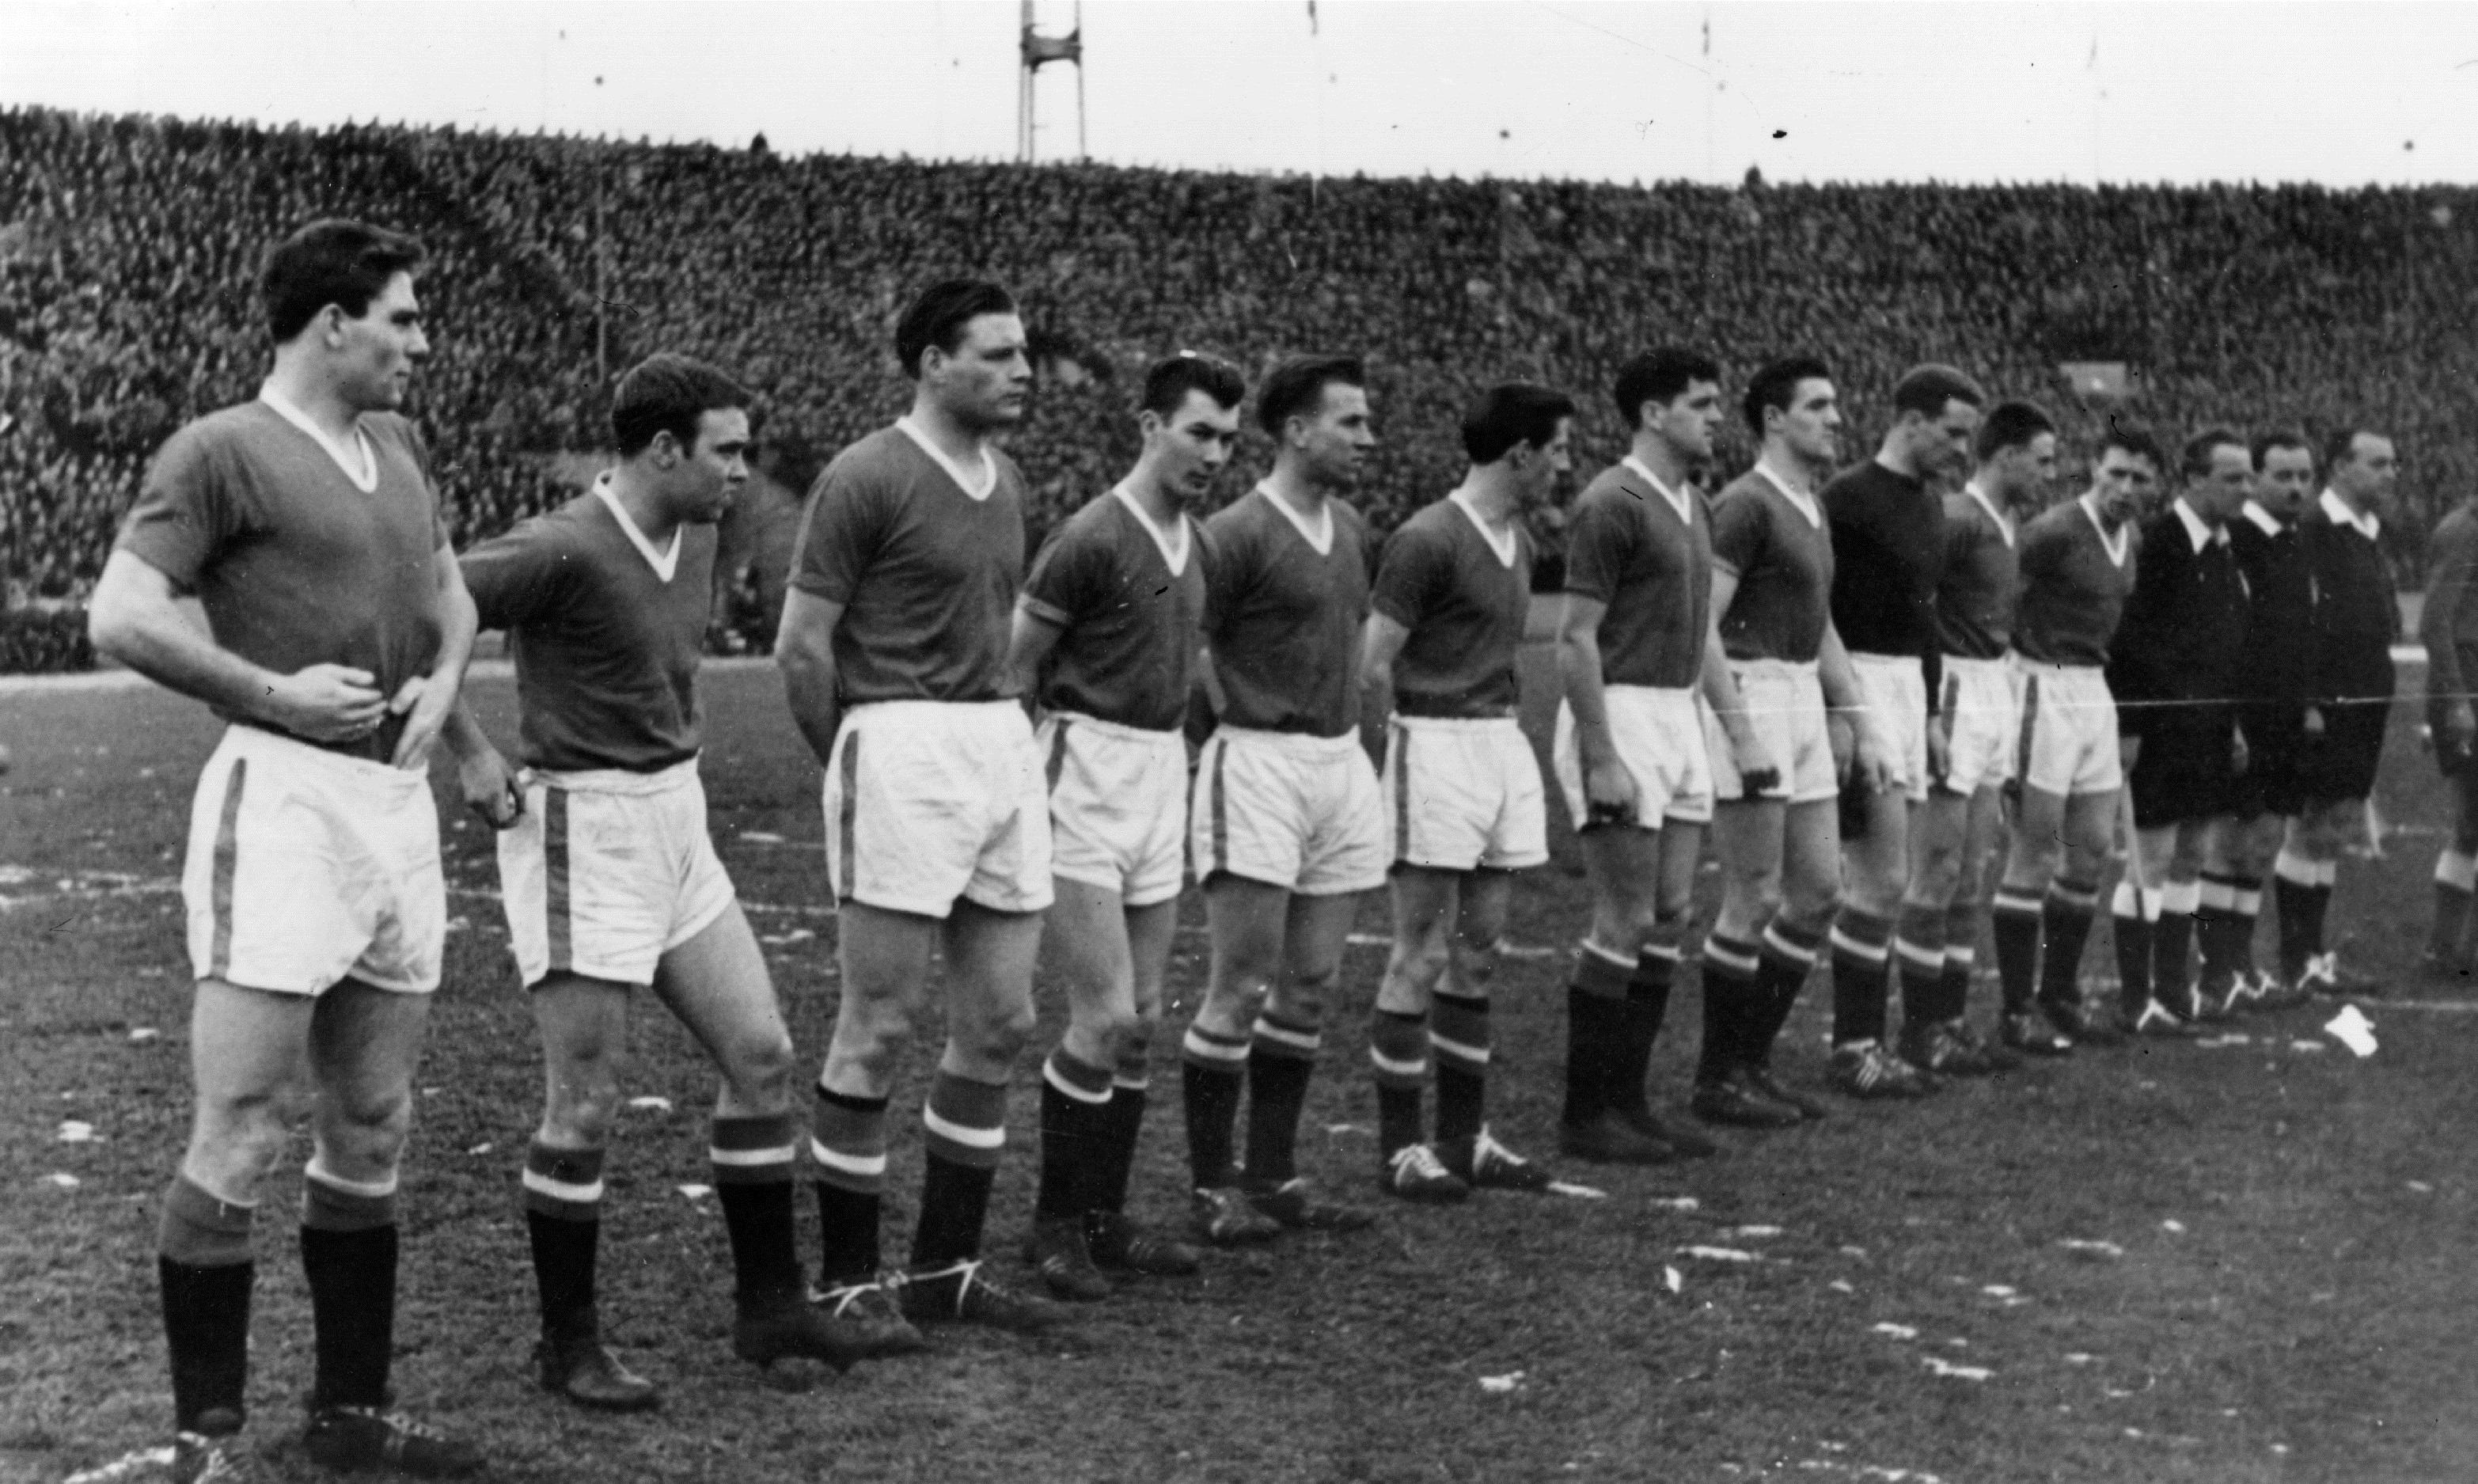 63 года назад разбился самолет с футболистами «МЮ». В 2004 году Моррисси записал невероятно красивую песню о трагедии